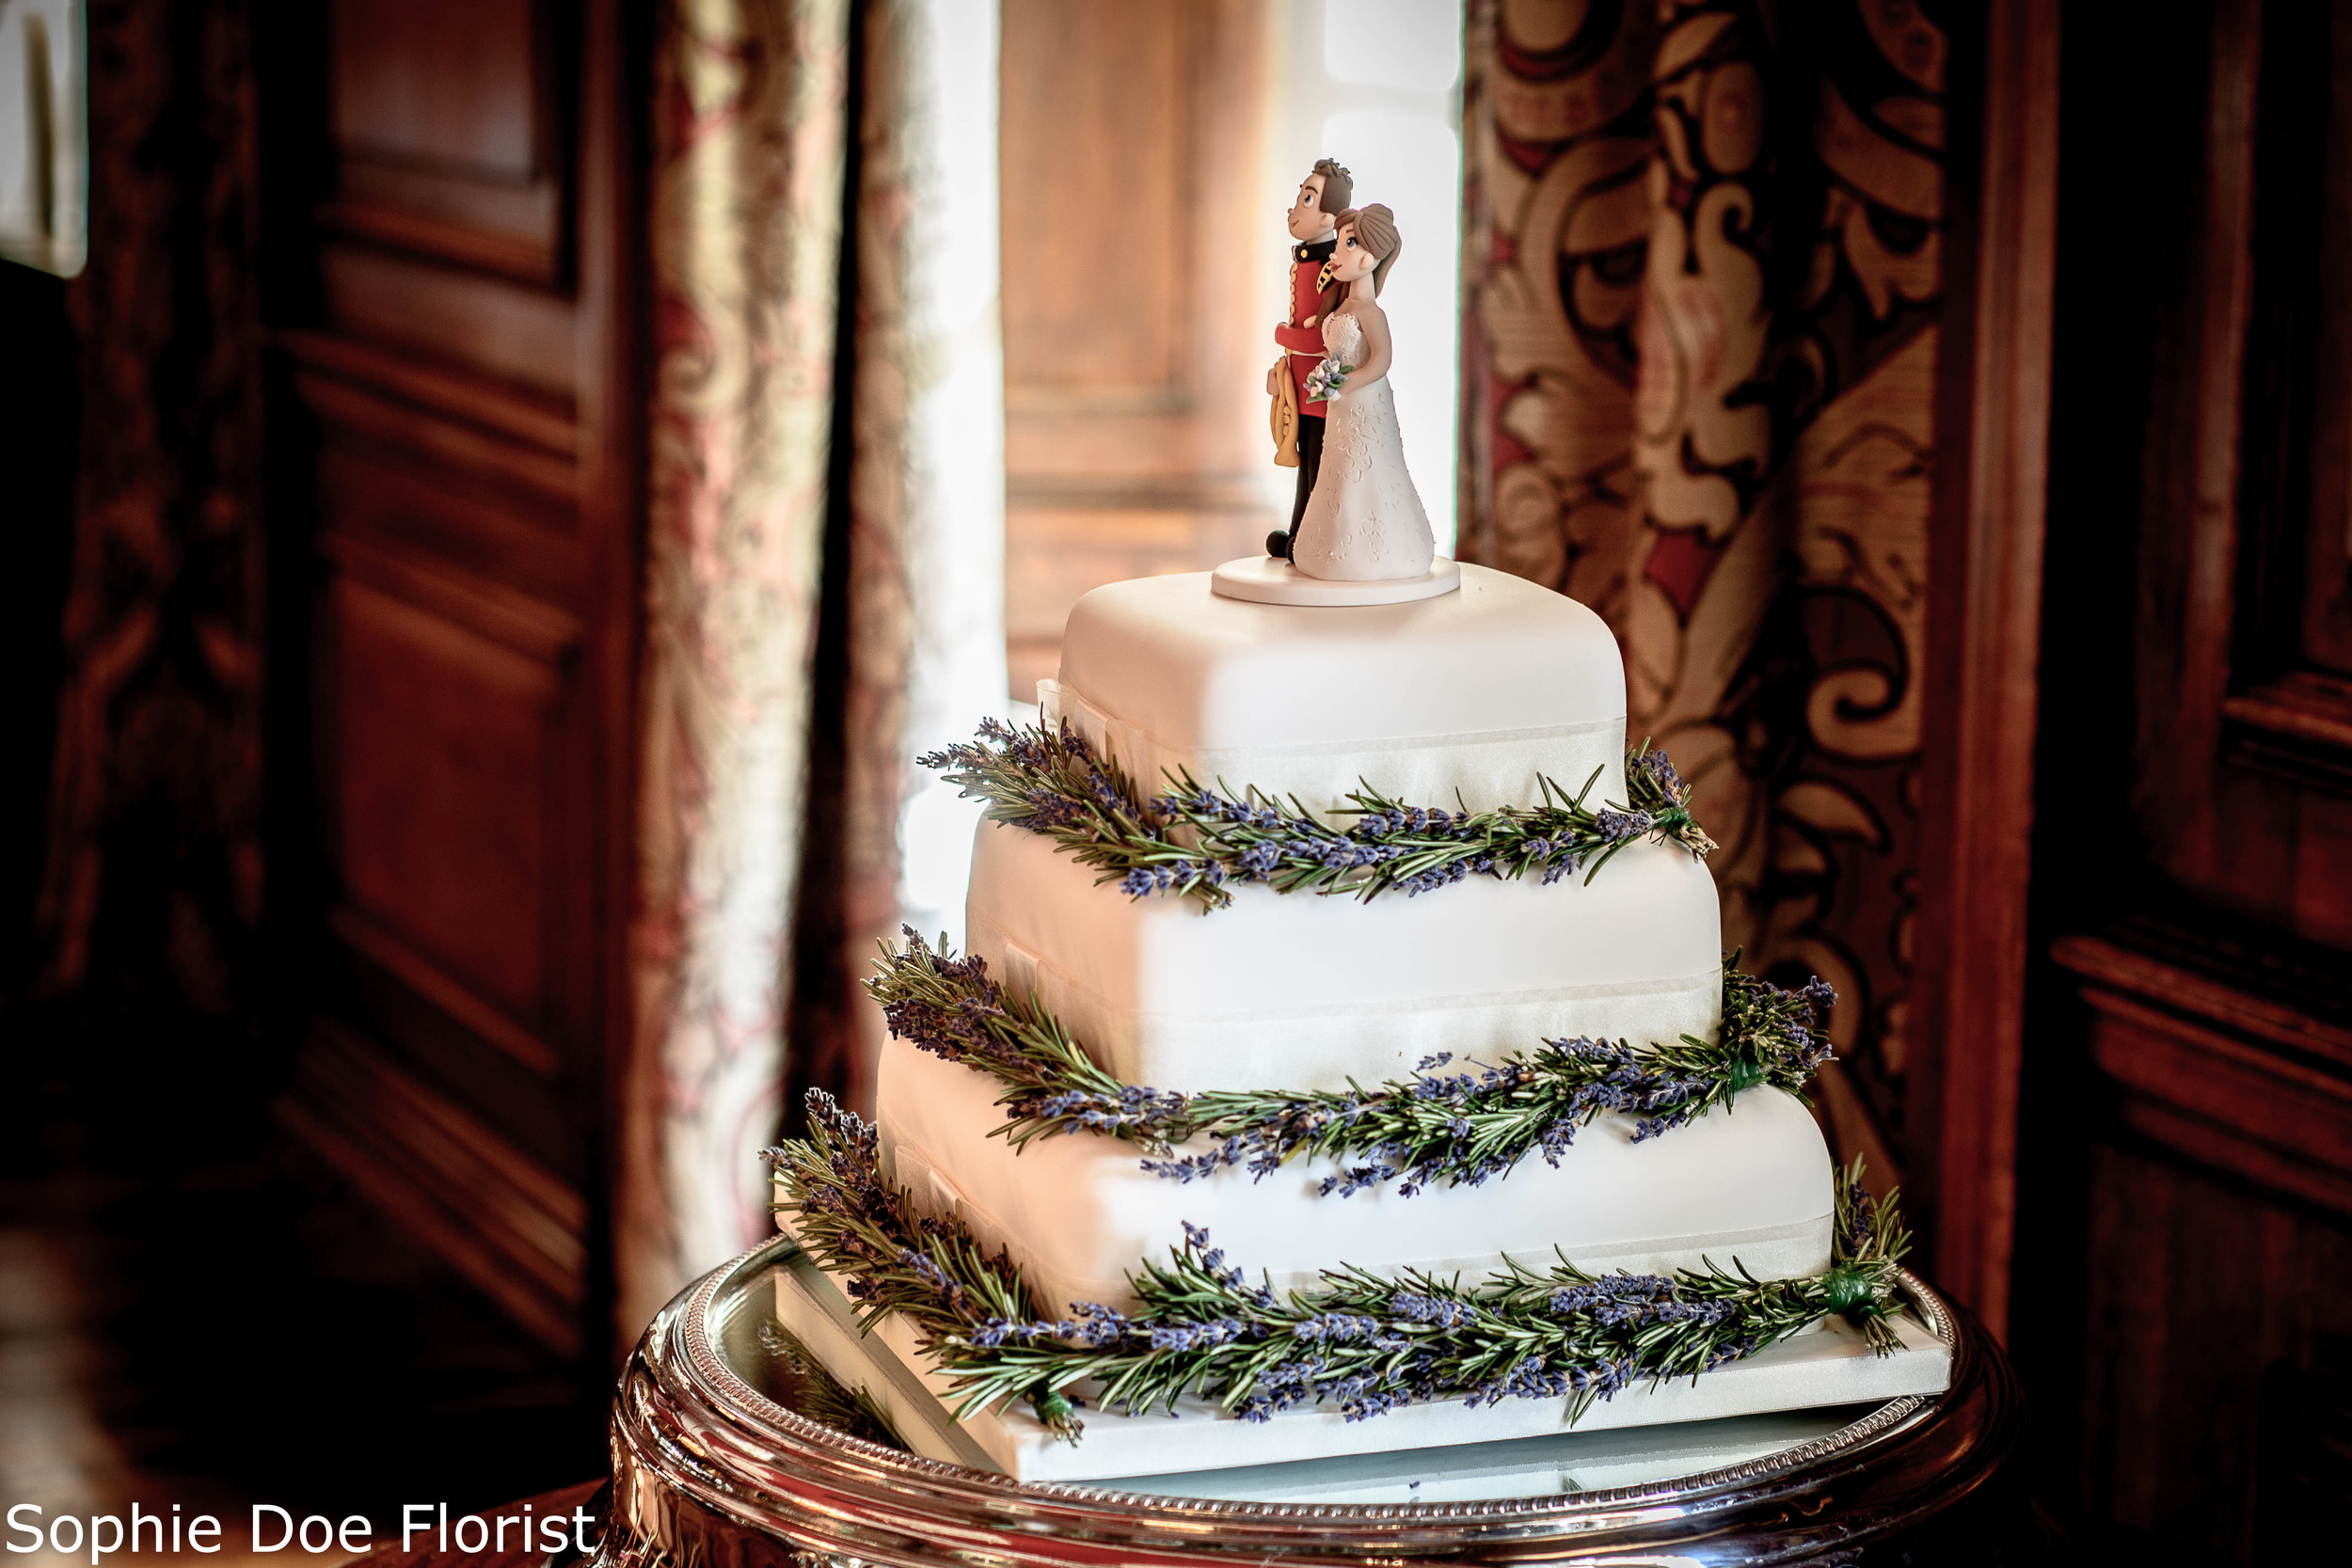 Sophie Doe Florist Wedding Cake with Lavender